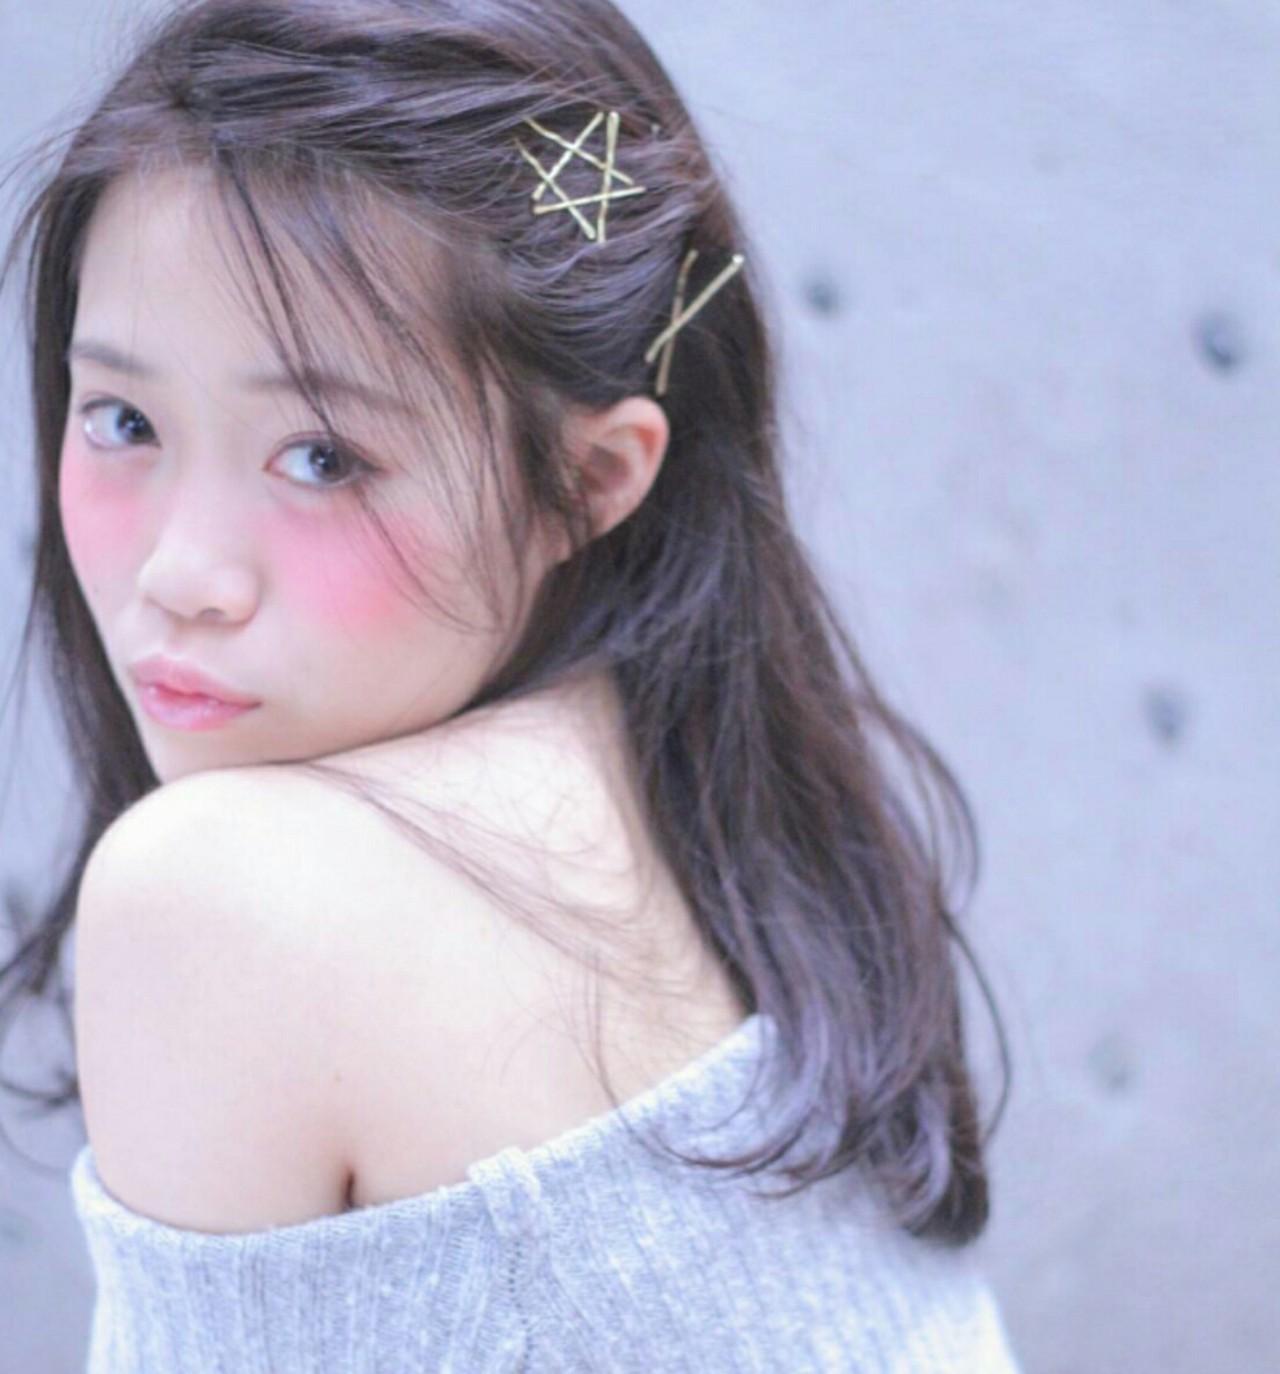 【最新!簡単前髪アレンジ】ねじりや編み込みで作るこなれ感前髪特集の14枚目の画像